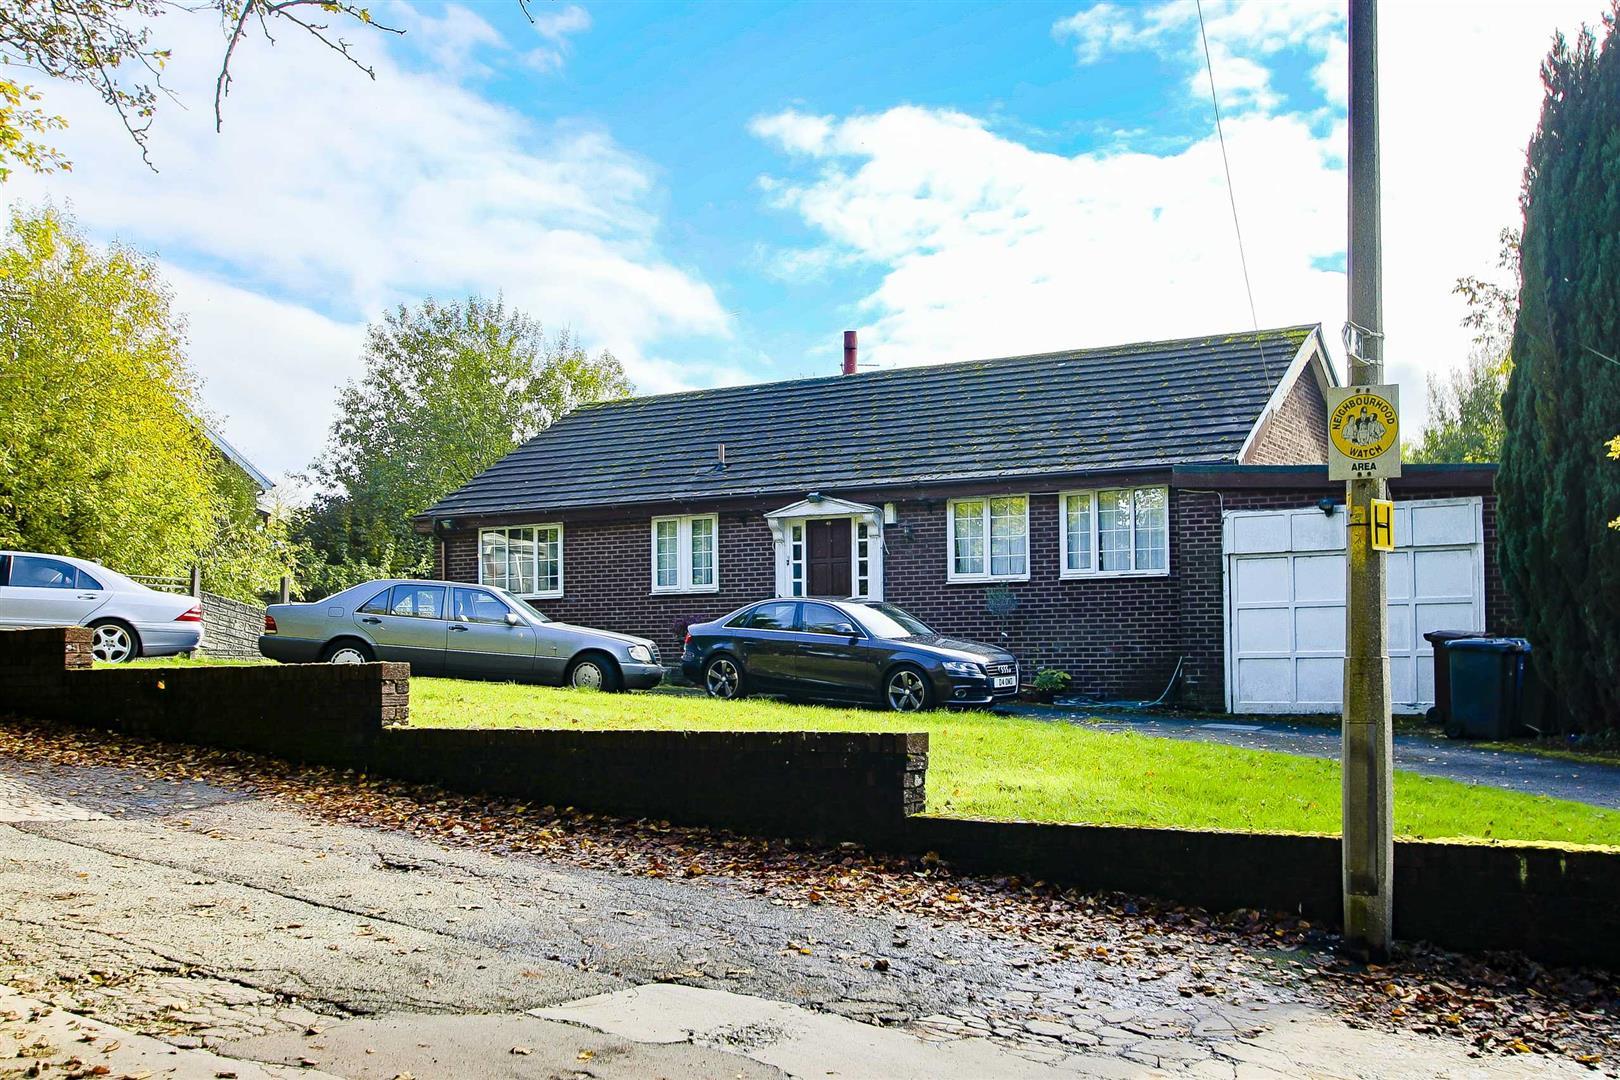 5 Bedroom Building Plot Land For Sale - Image 14